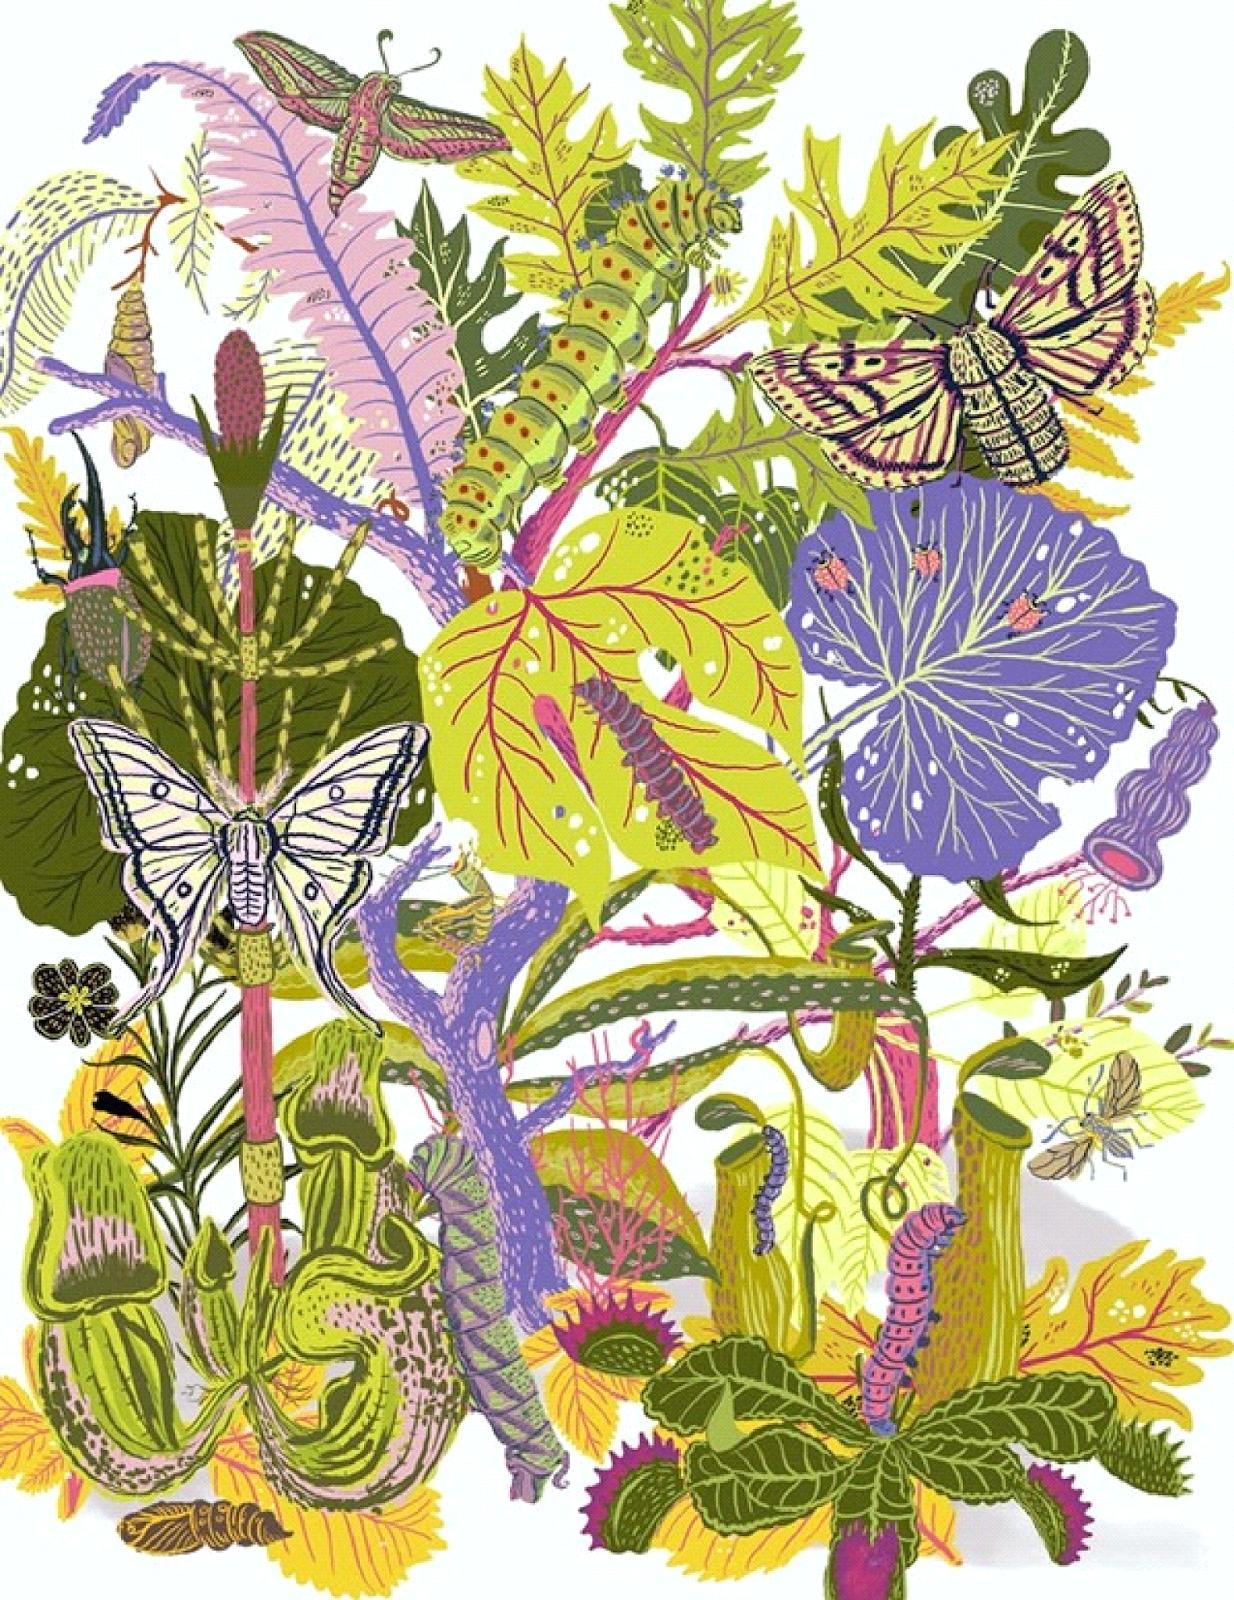 Ma Bicyclette: Inspiring Artists | Llew Mejia - moths and larvae illustration design